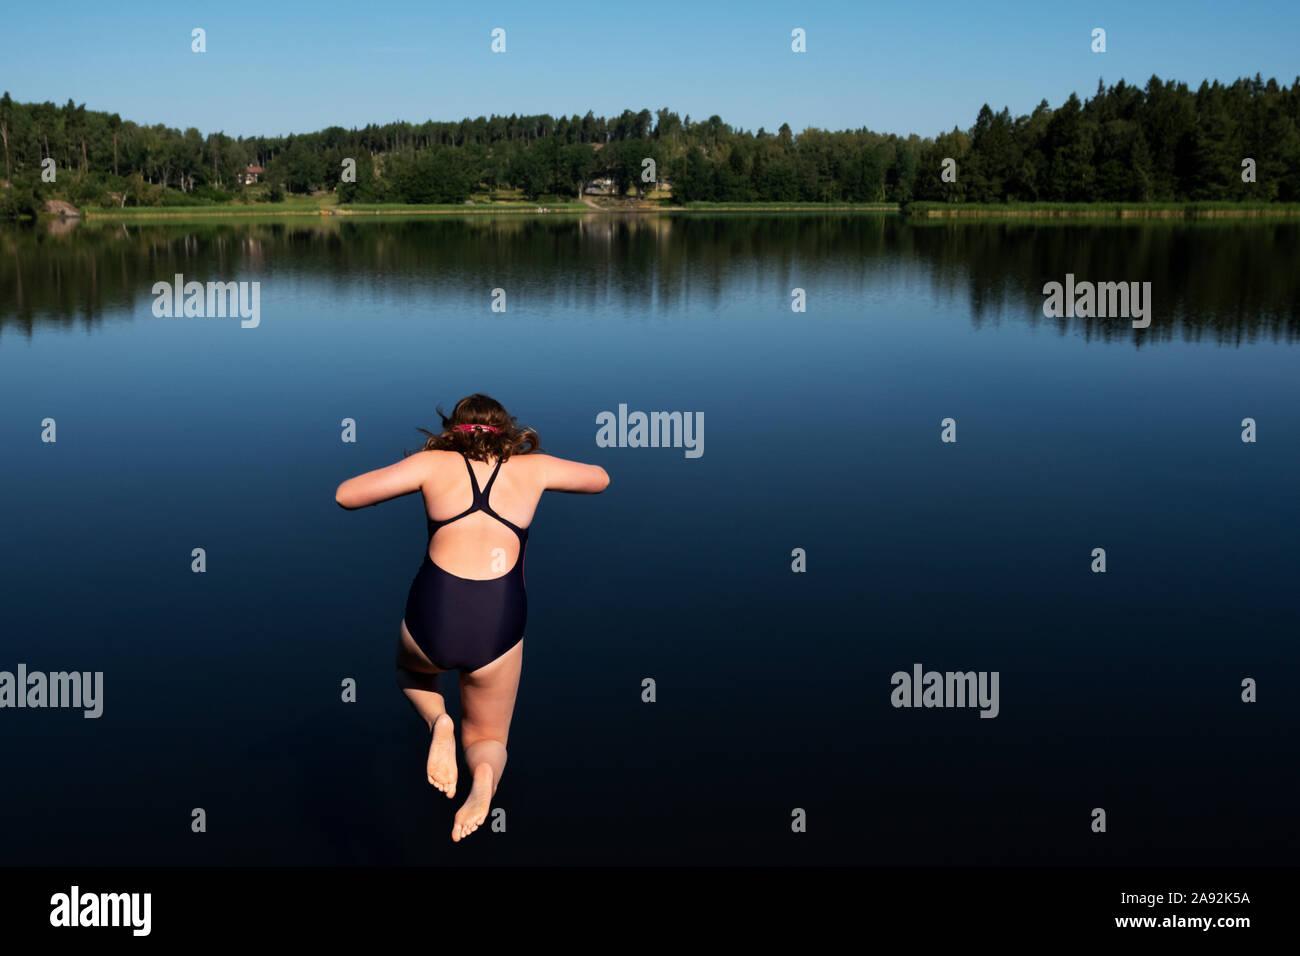 Chica saltar en el lago Foto de stock